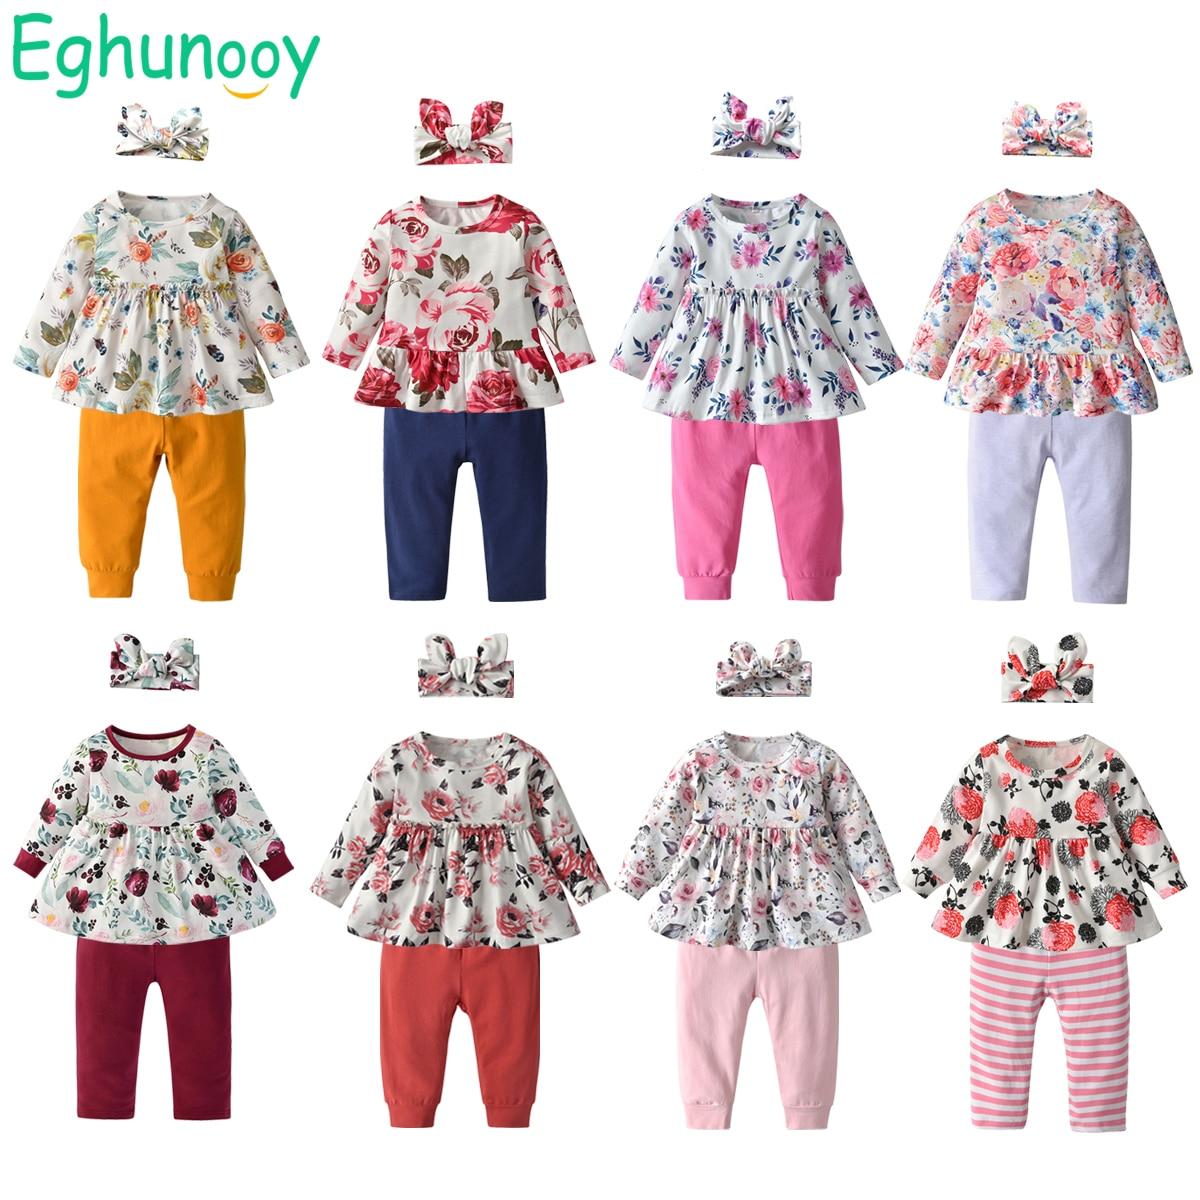 Комплект одежды для маленьких девочек, милый Повседневный Топ с цветочным принтом и штаны, повязка на голову, Одежда для новорожденных на ве...